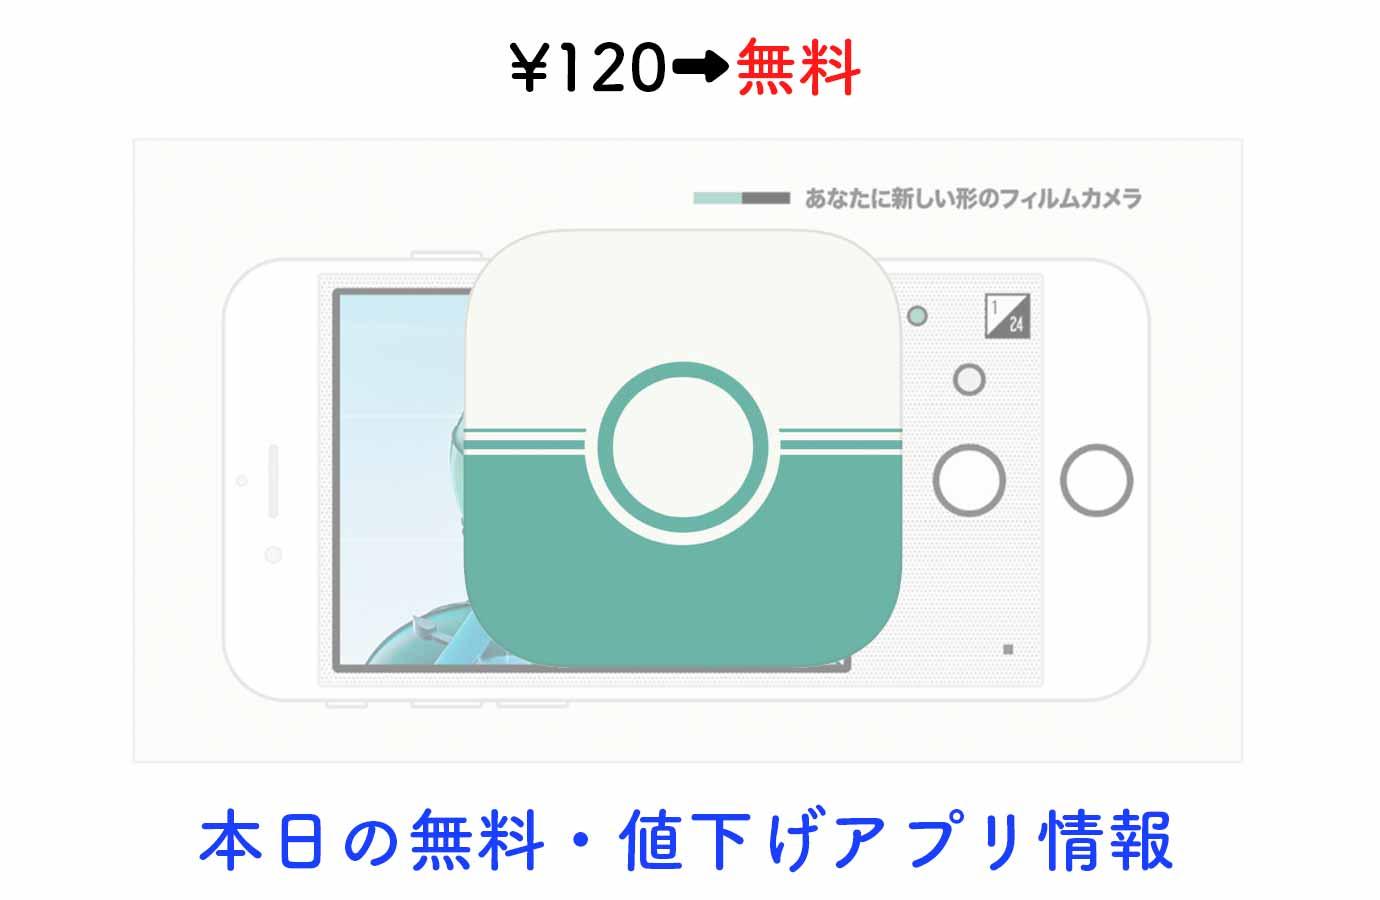 ¥120→無料、フィルムカメラ風アプリ「Feelca Tungsten」など【7/24】本日の無料・値下げアプリ情報